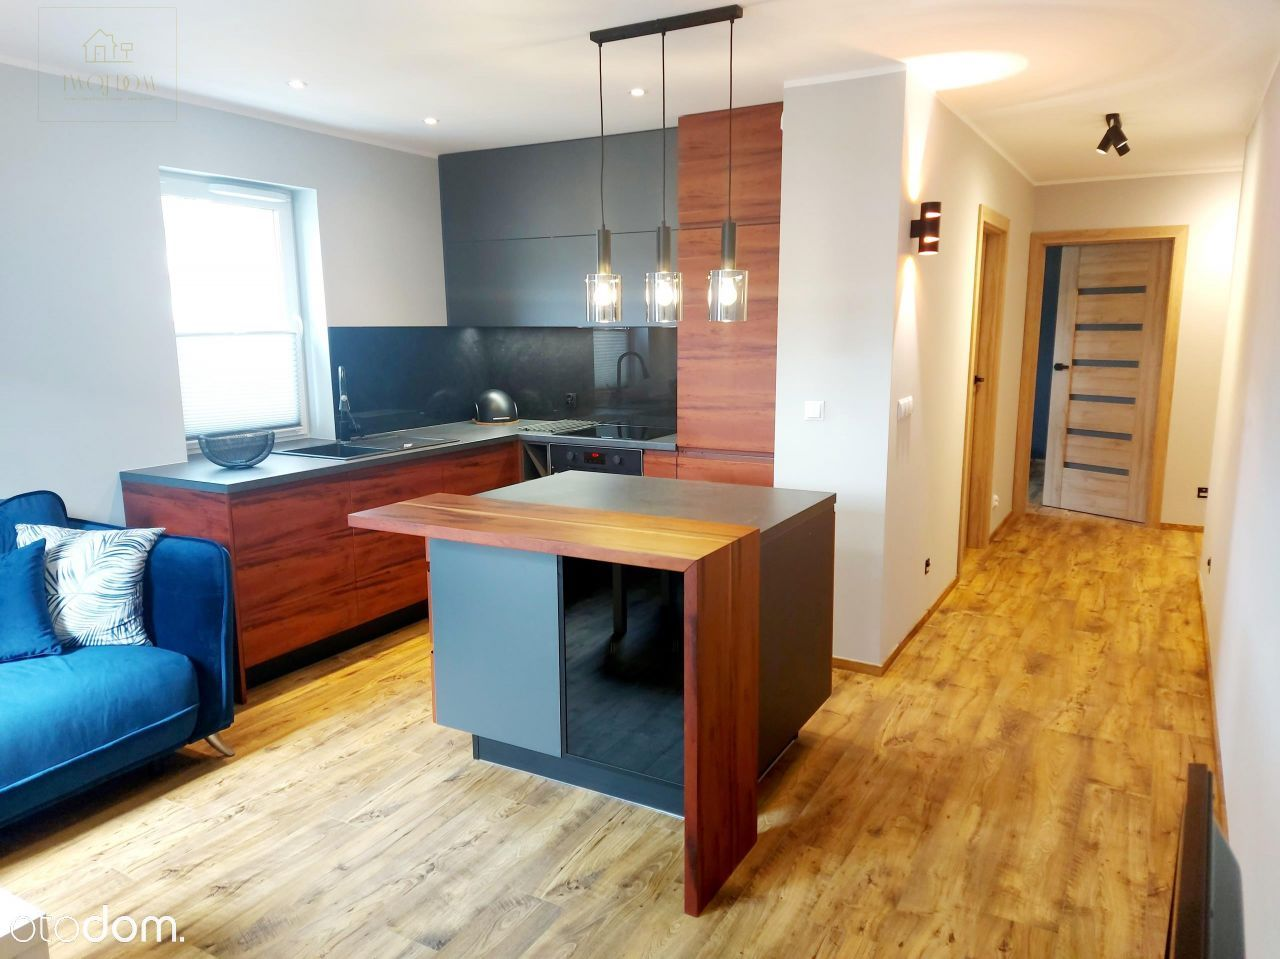 Słoneczny apartament na nowym osiedlu 3pokoje,50m2